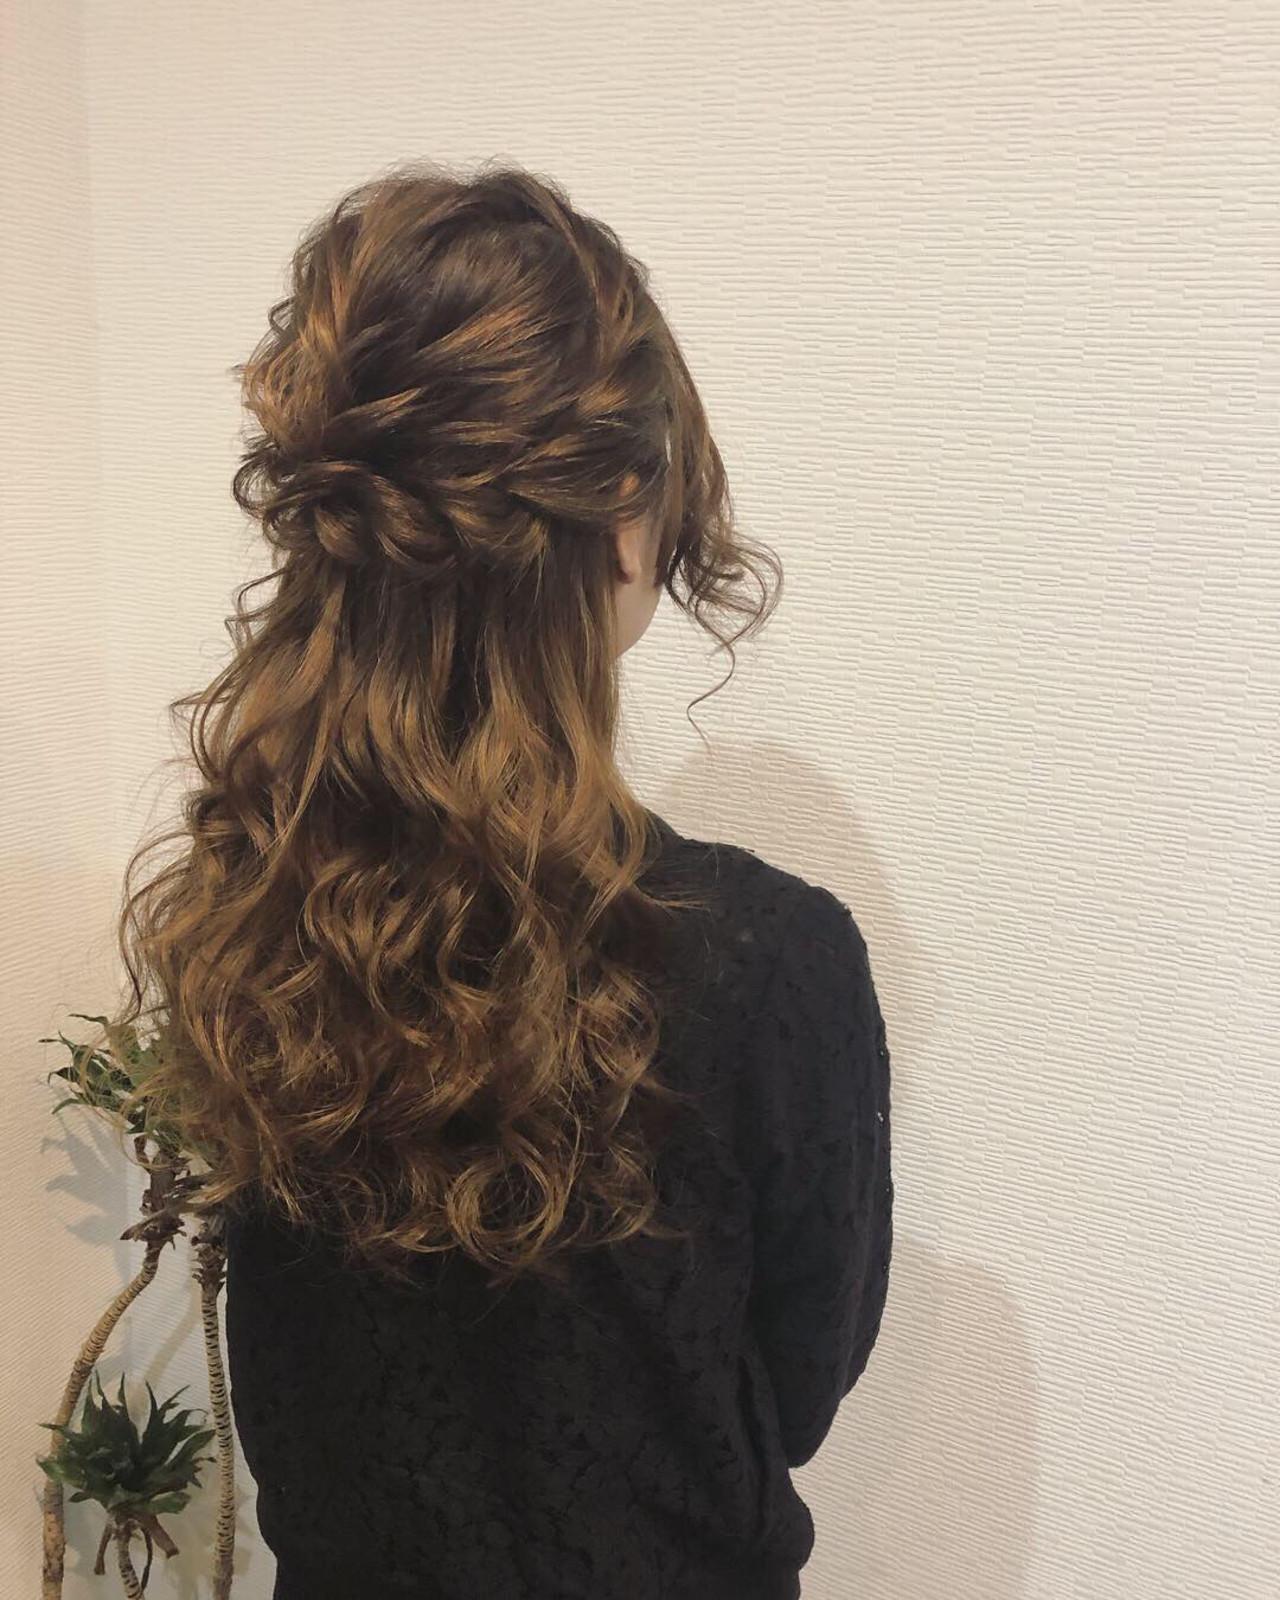 ロング 簡単ヘアアレンジ ハーフアップ ヘアアレンジ ヘアスタイルや髪型の写真・画像 | mai / HAIR SALON STELLA